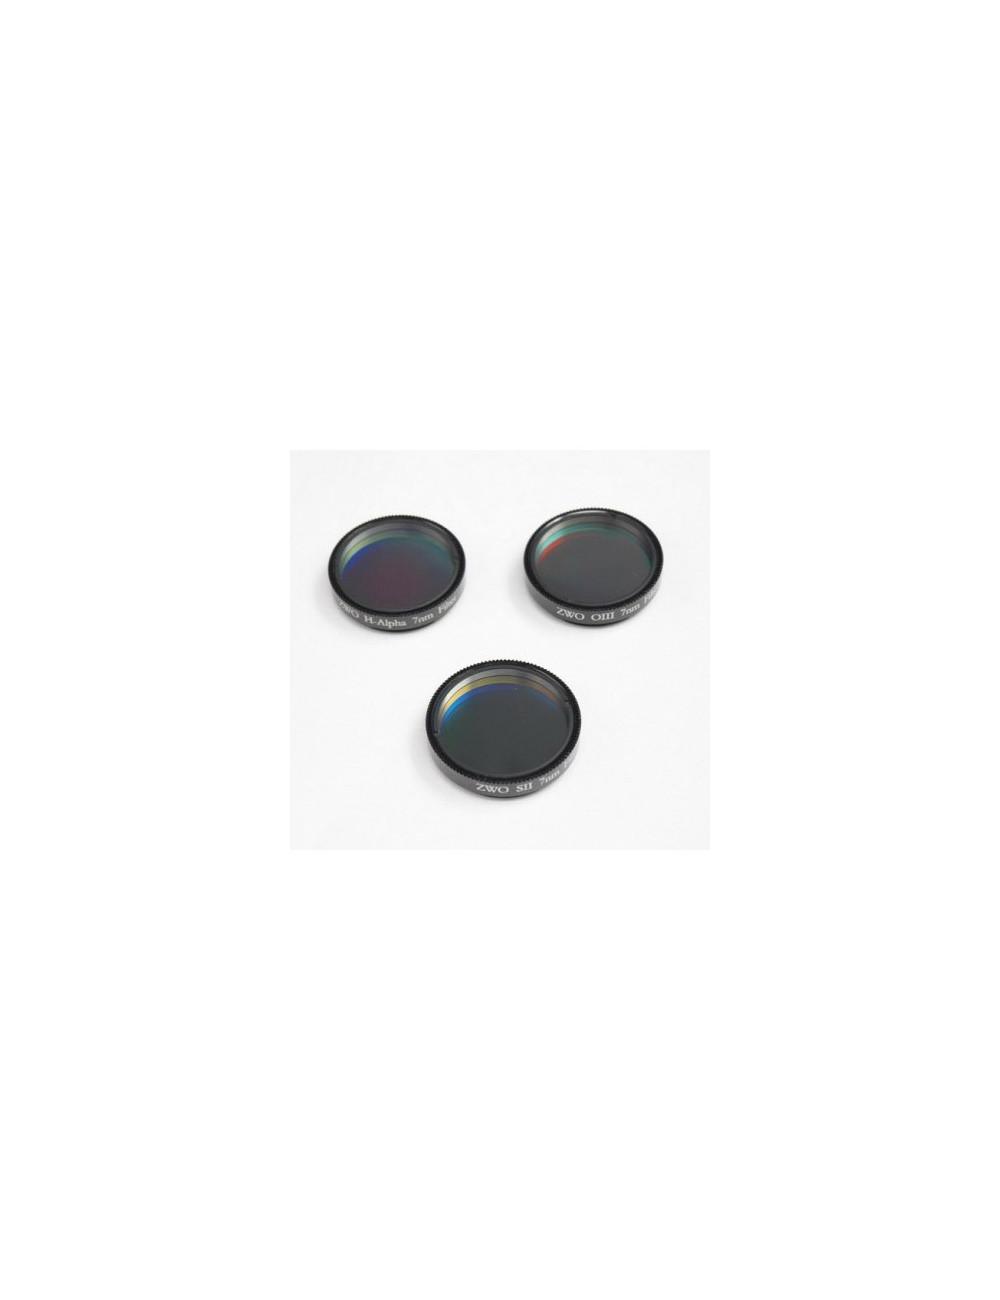 Set de 3 filtres SHO 7 nm 36 mm ZWO